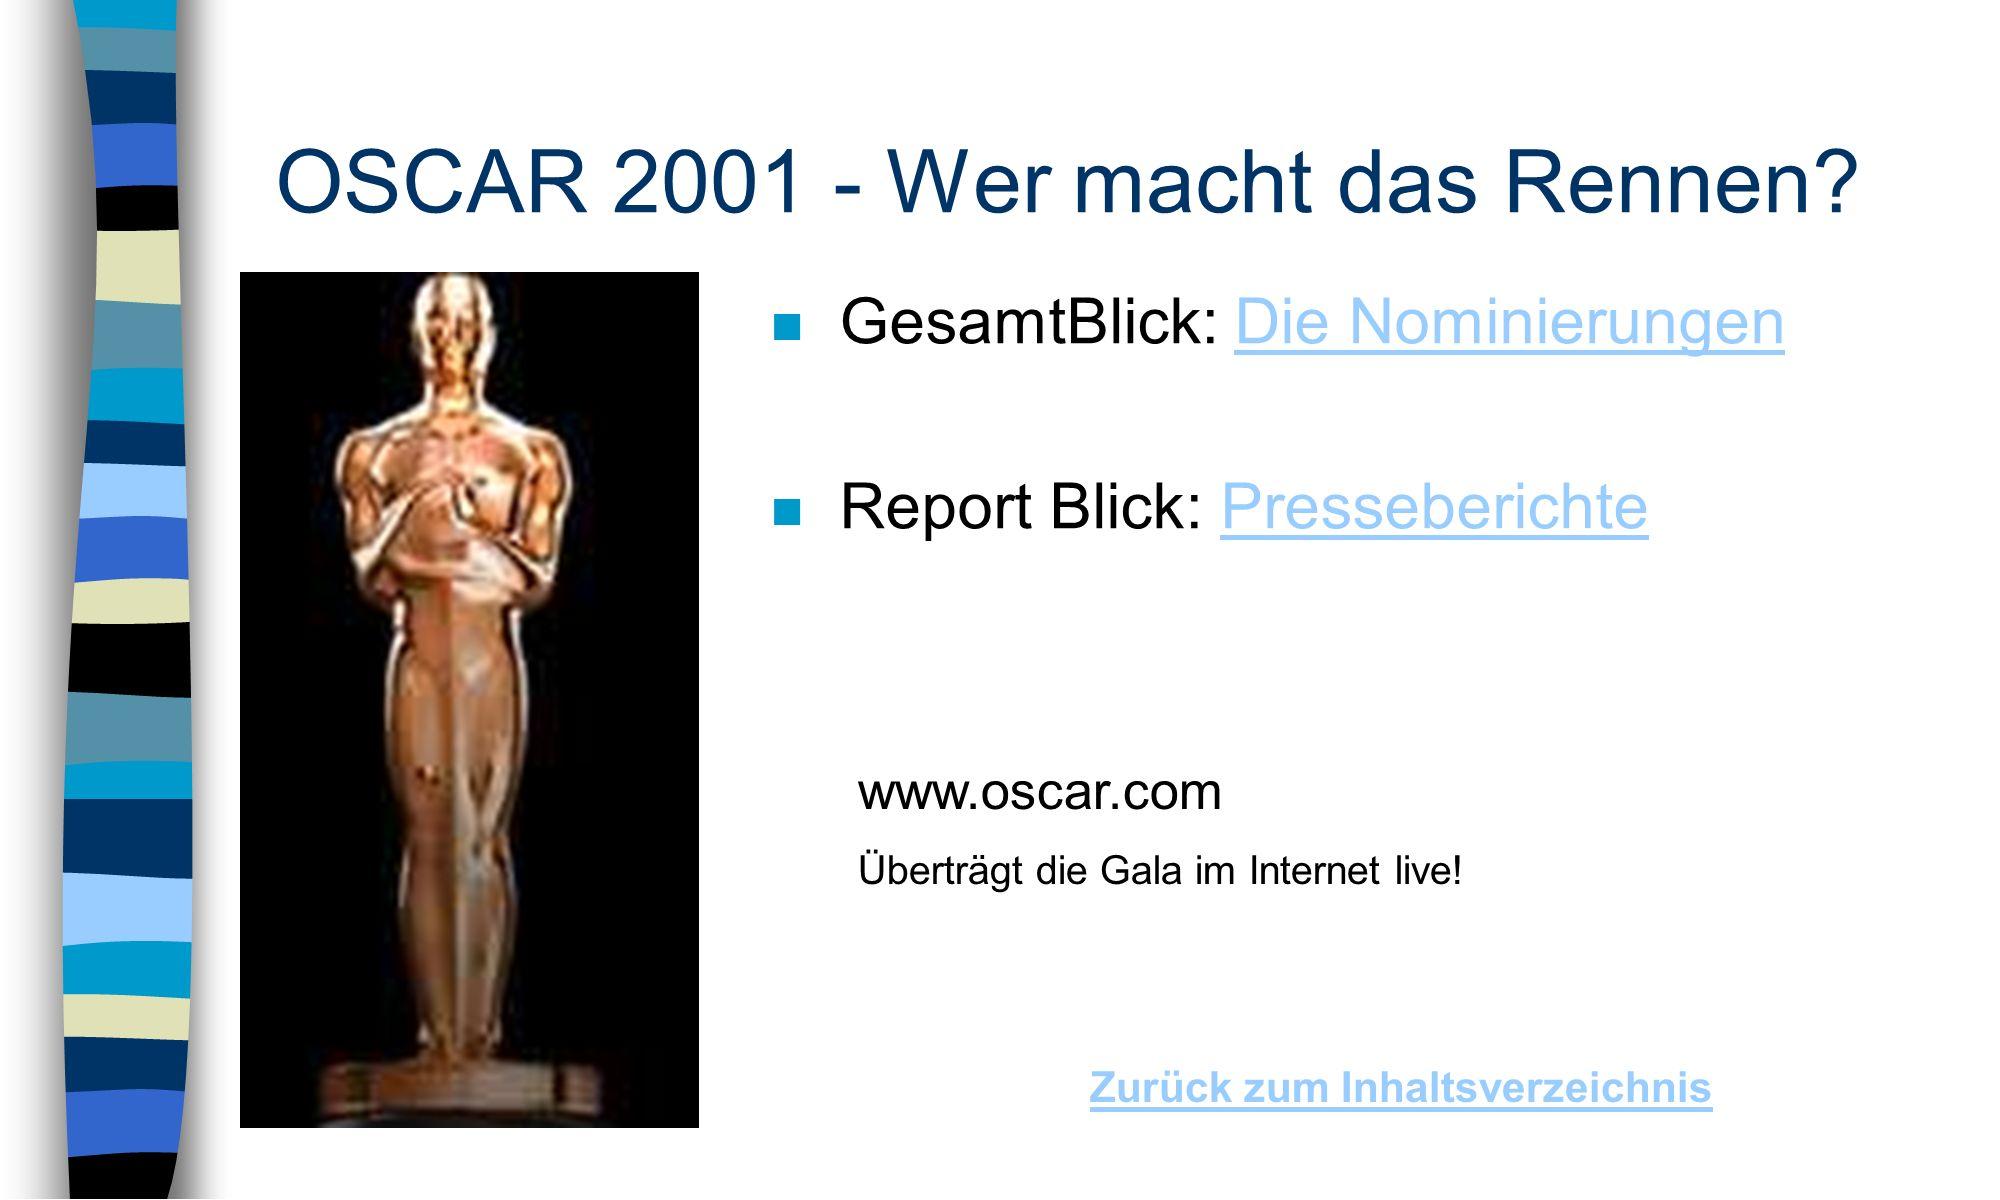 OSCAR 2001 - Wer macht das Rennen.